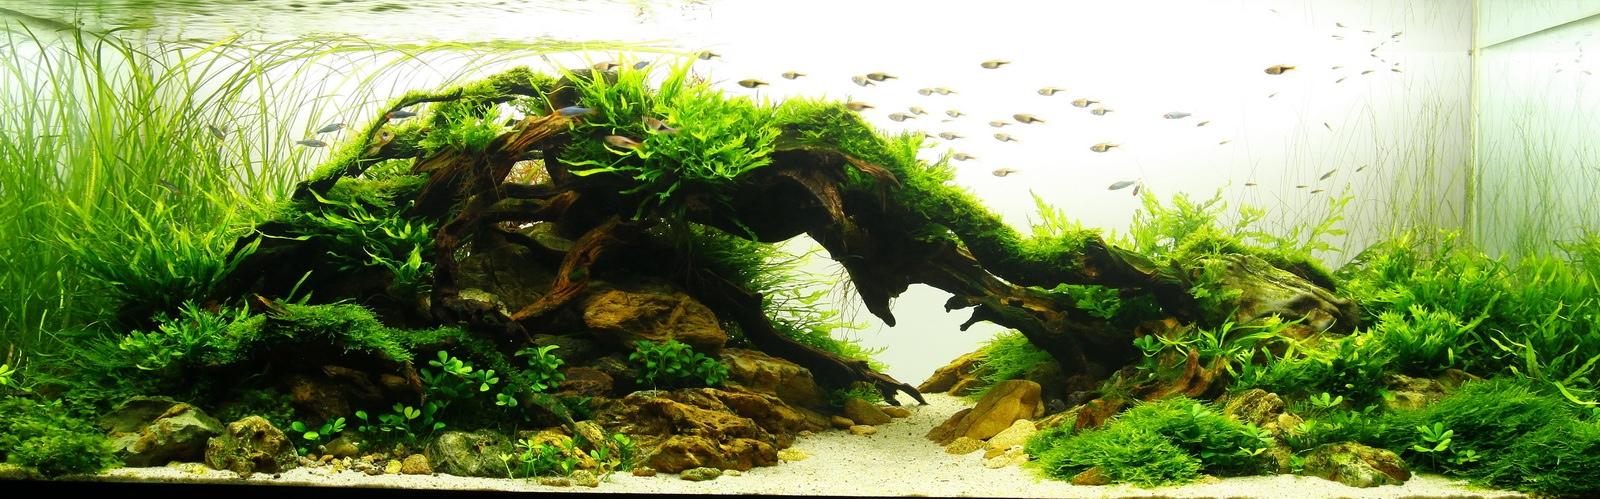 Cây cỏ cọp trồng hậu cảnh rất đẹp trong hồ thủy sinh